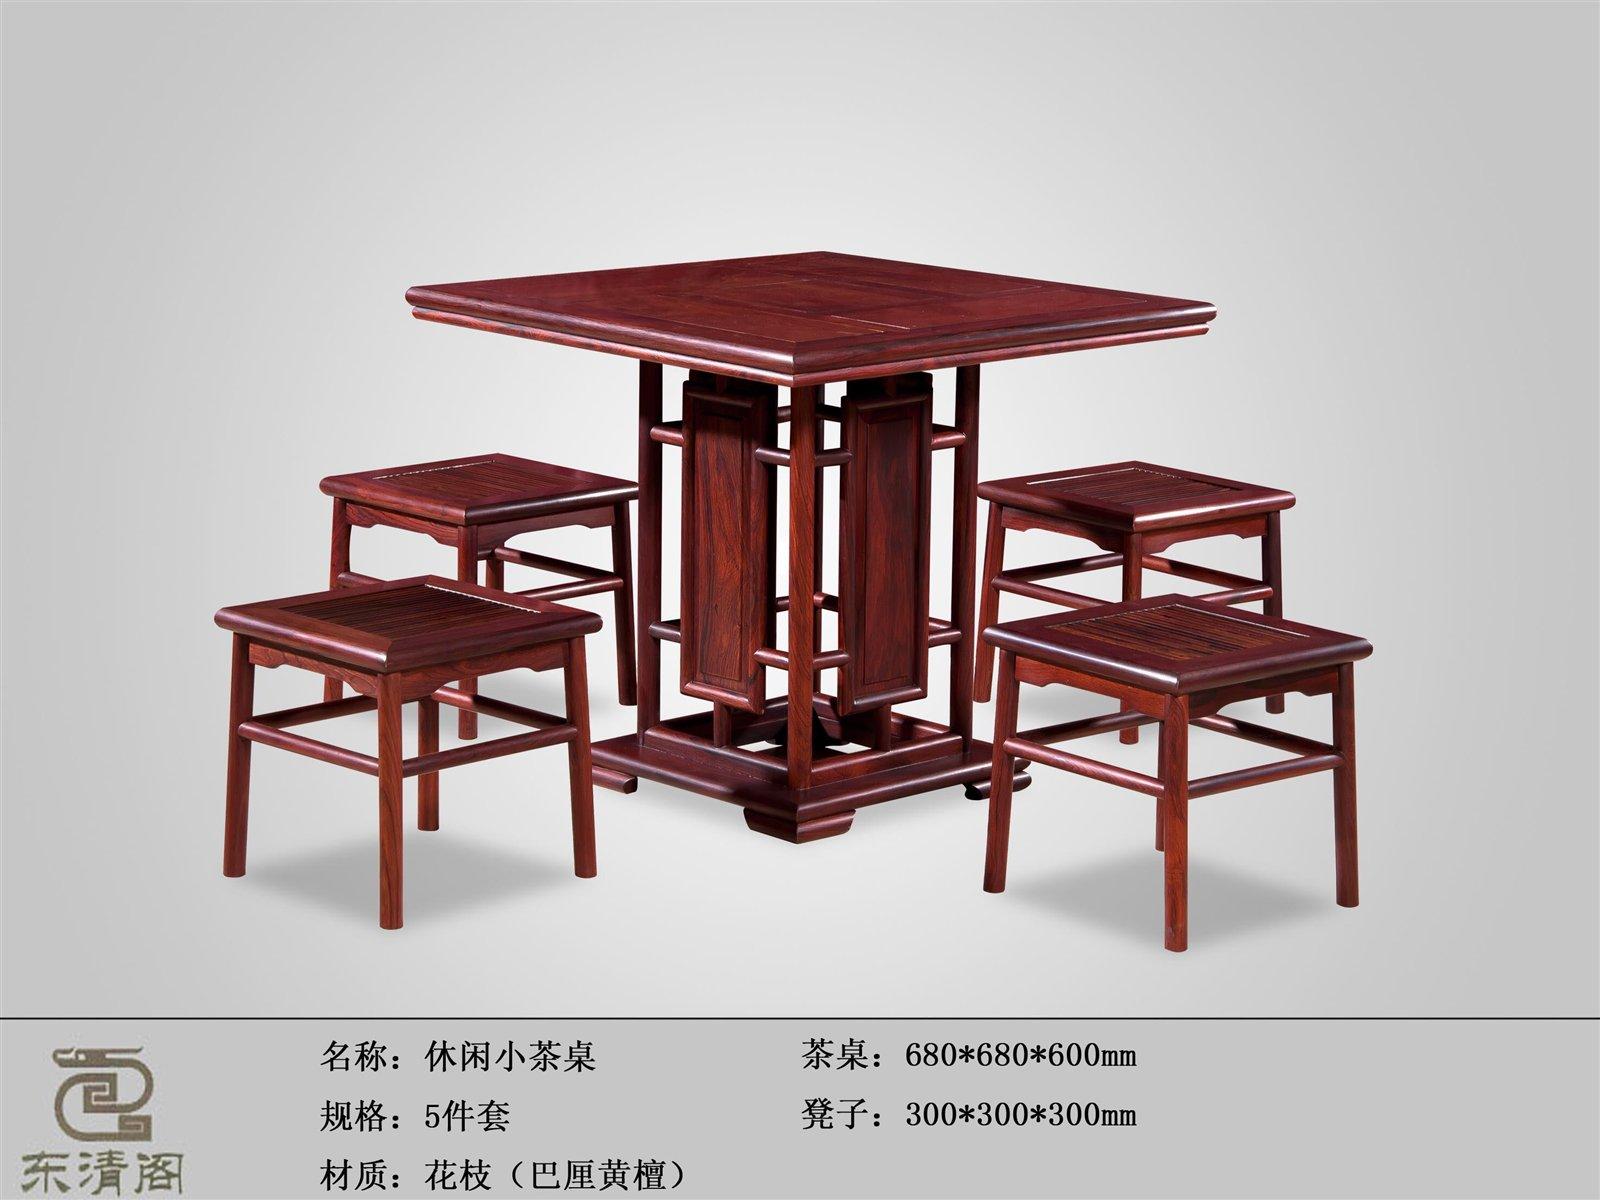 紅木家具展示 東清閣紅木家具倉儲中心紅木家具產品照片    上一圖集